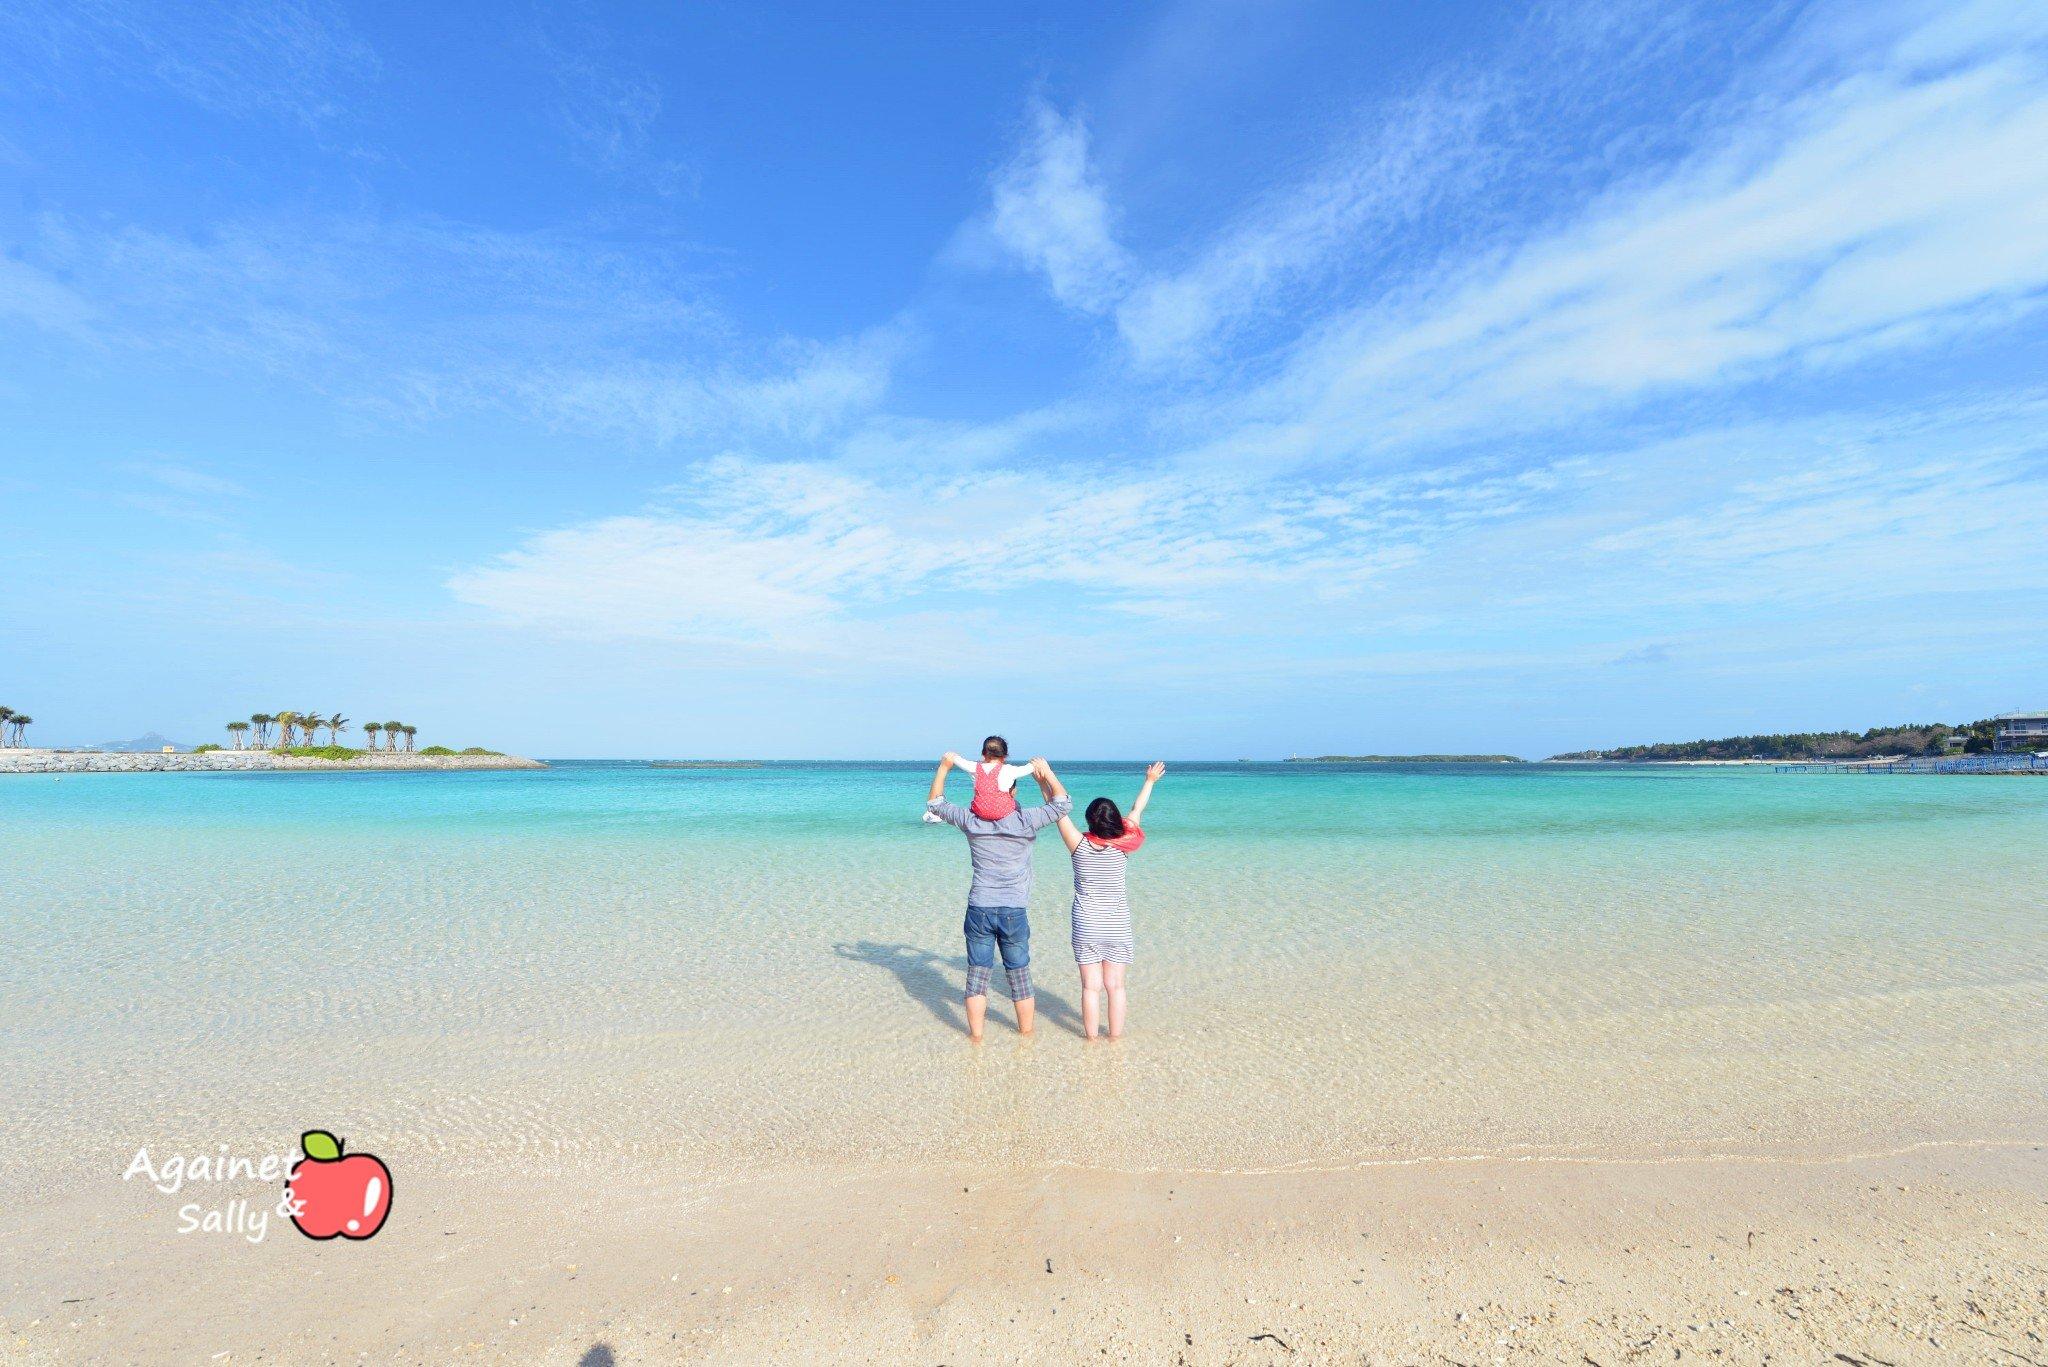 【跟着小苹果去冲绳找春天】一家三代八日亲子游